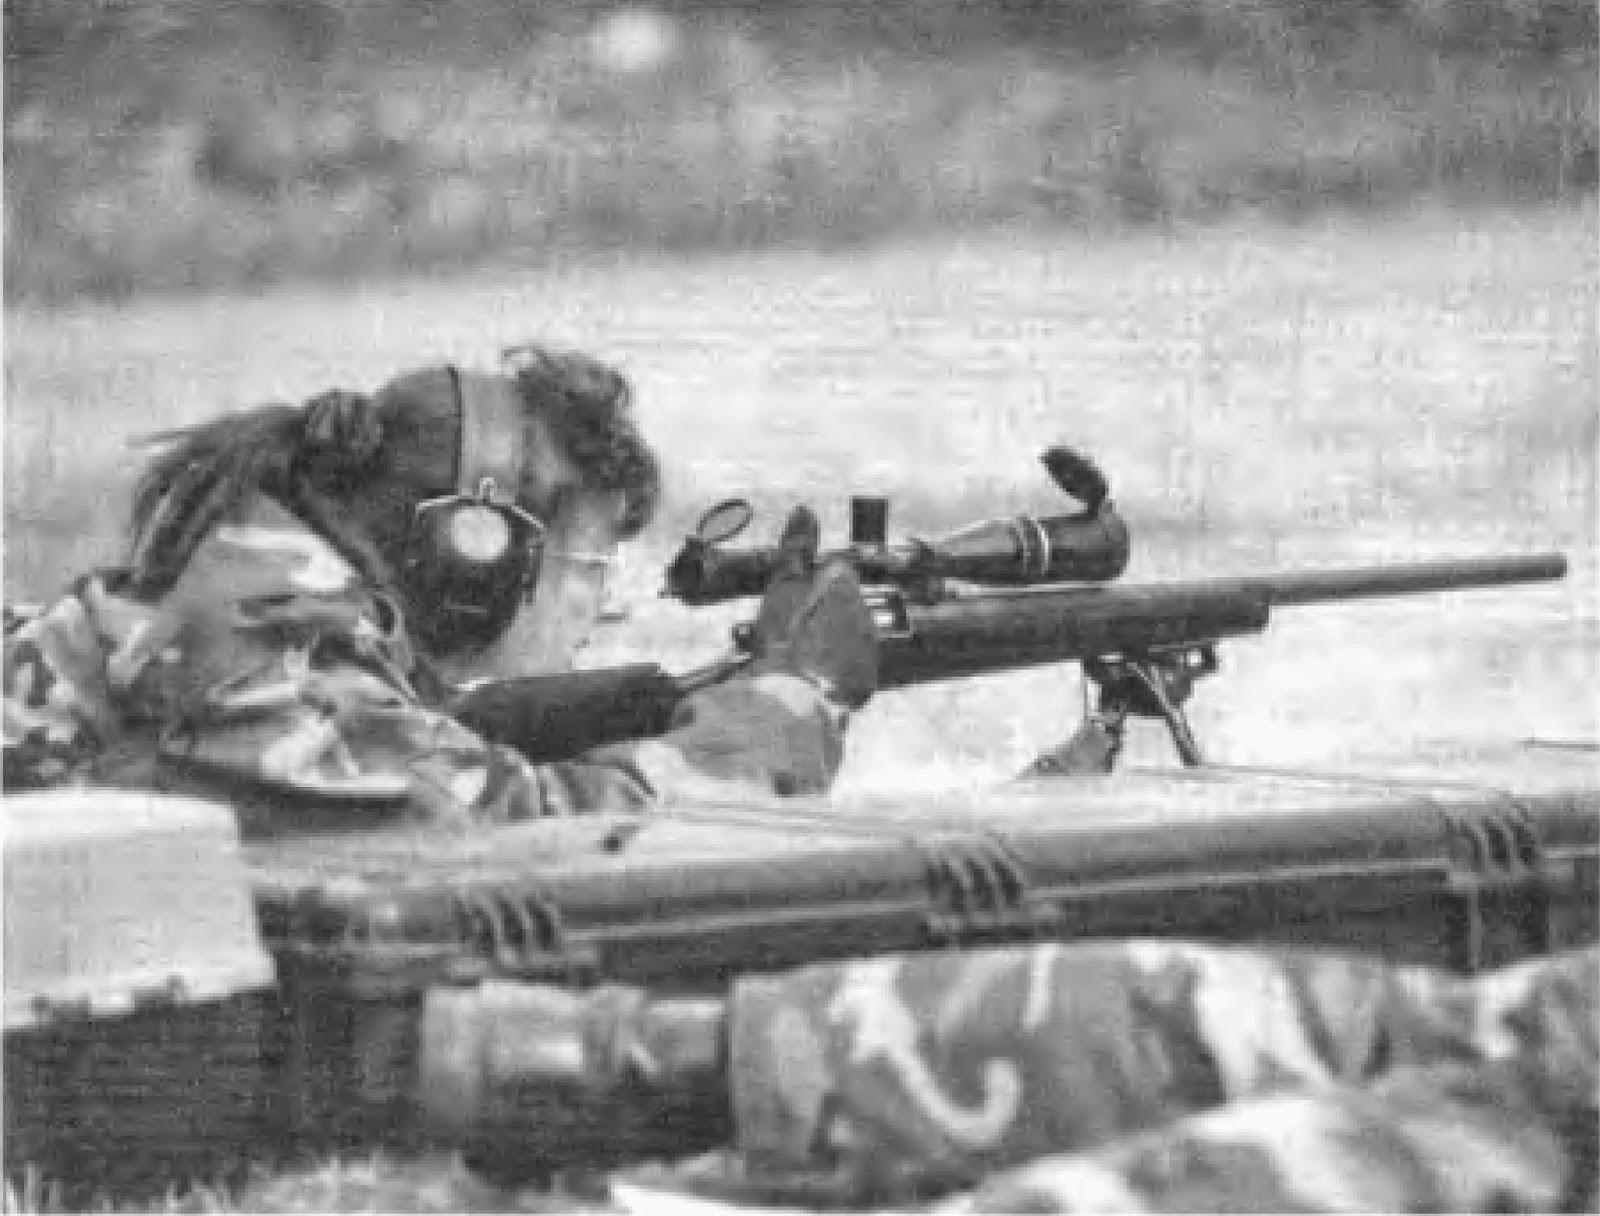 полицейский снайпер